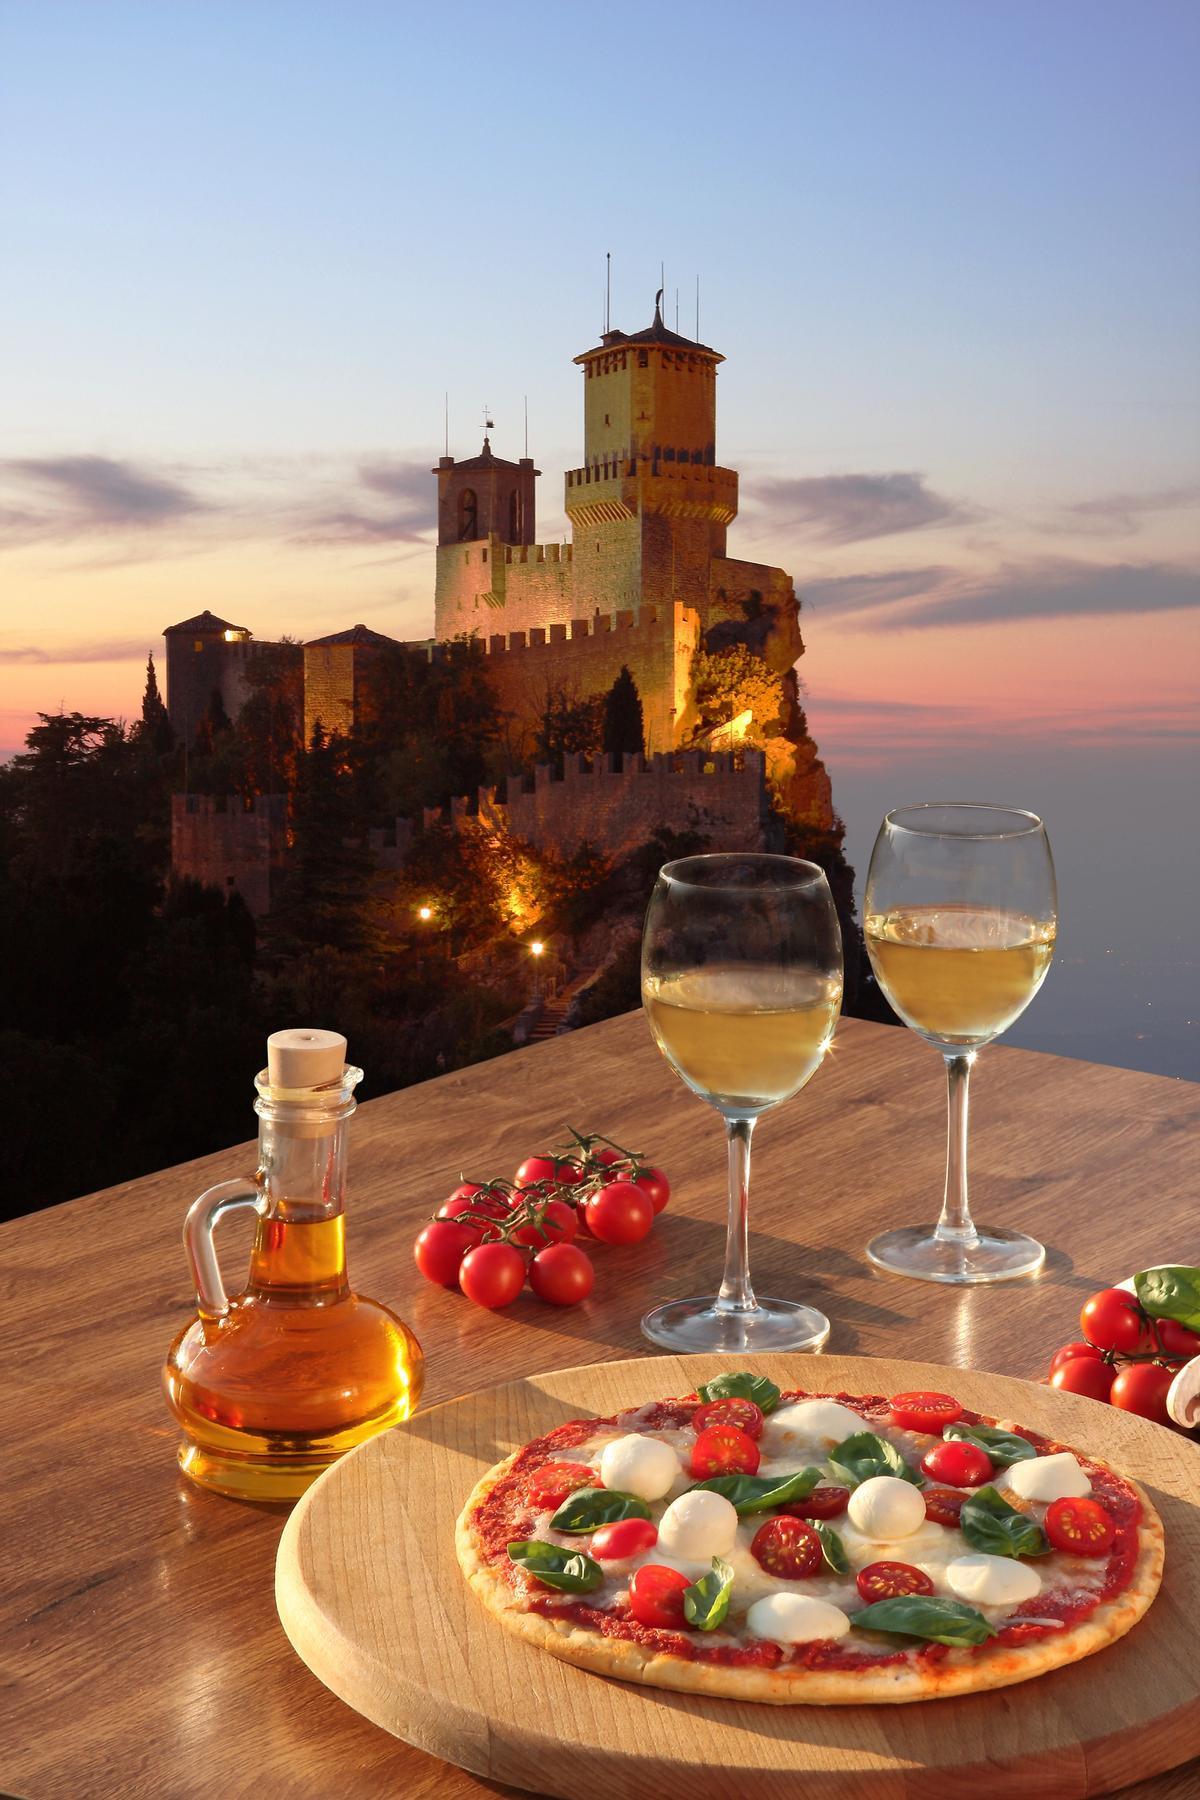 God mat med fin utsikt over italiensk kyst i solnedgang. Pizza med mozarella, tomat og babyleaf. Øl til maten. Oliven som valgfritt tilbehør. Slott i bakgrunnen.